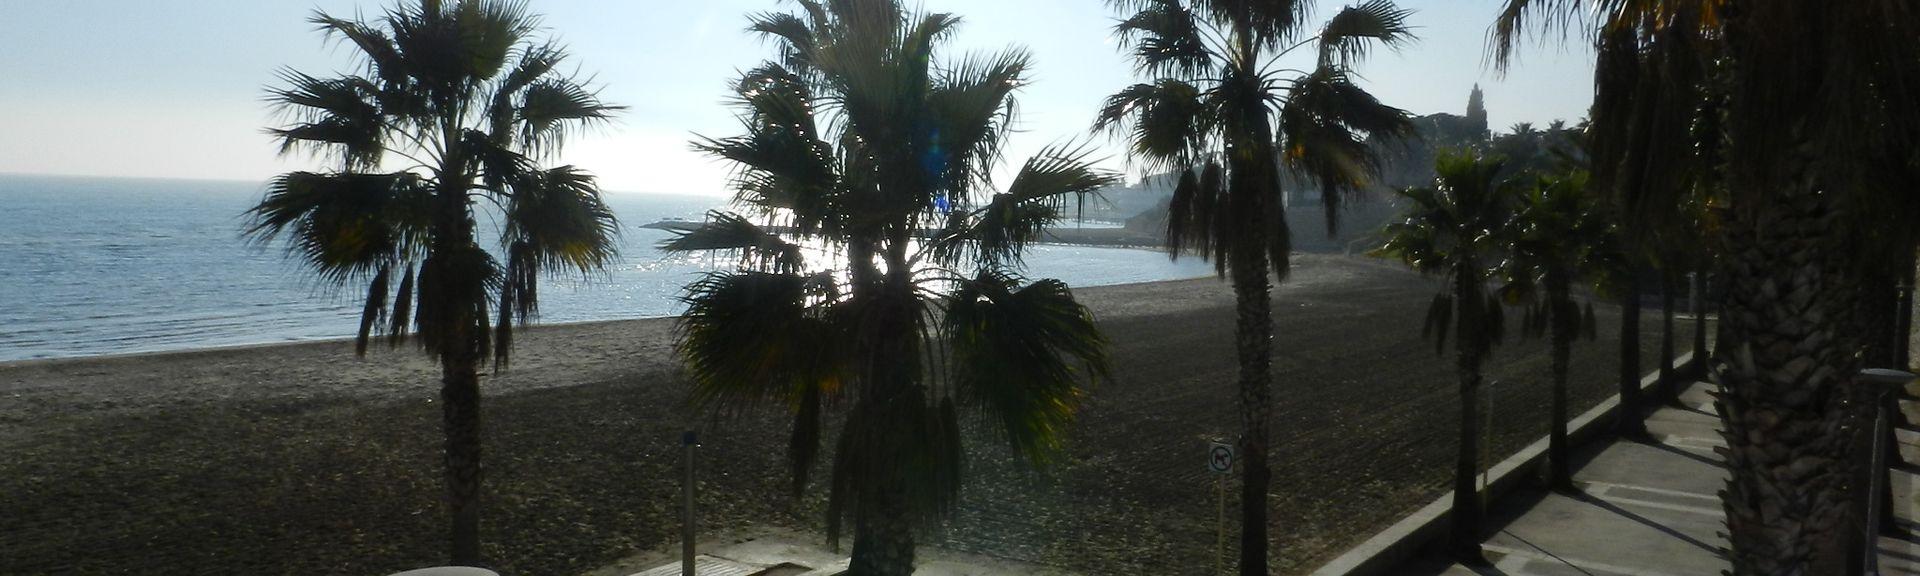 Alcanar Beach, Alcanar, Spain